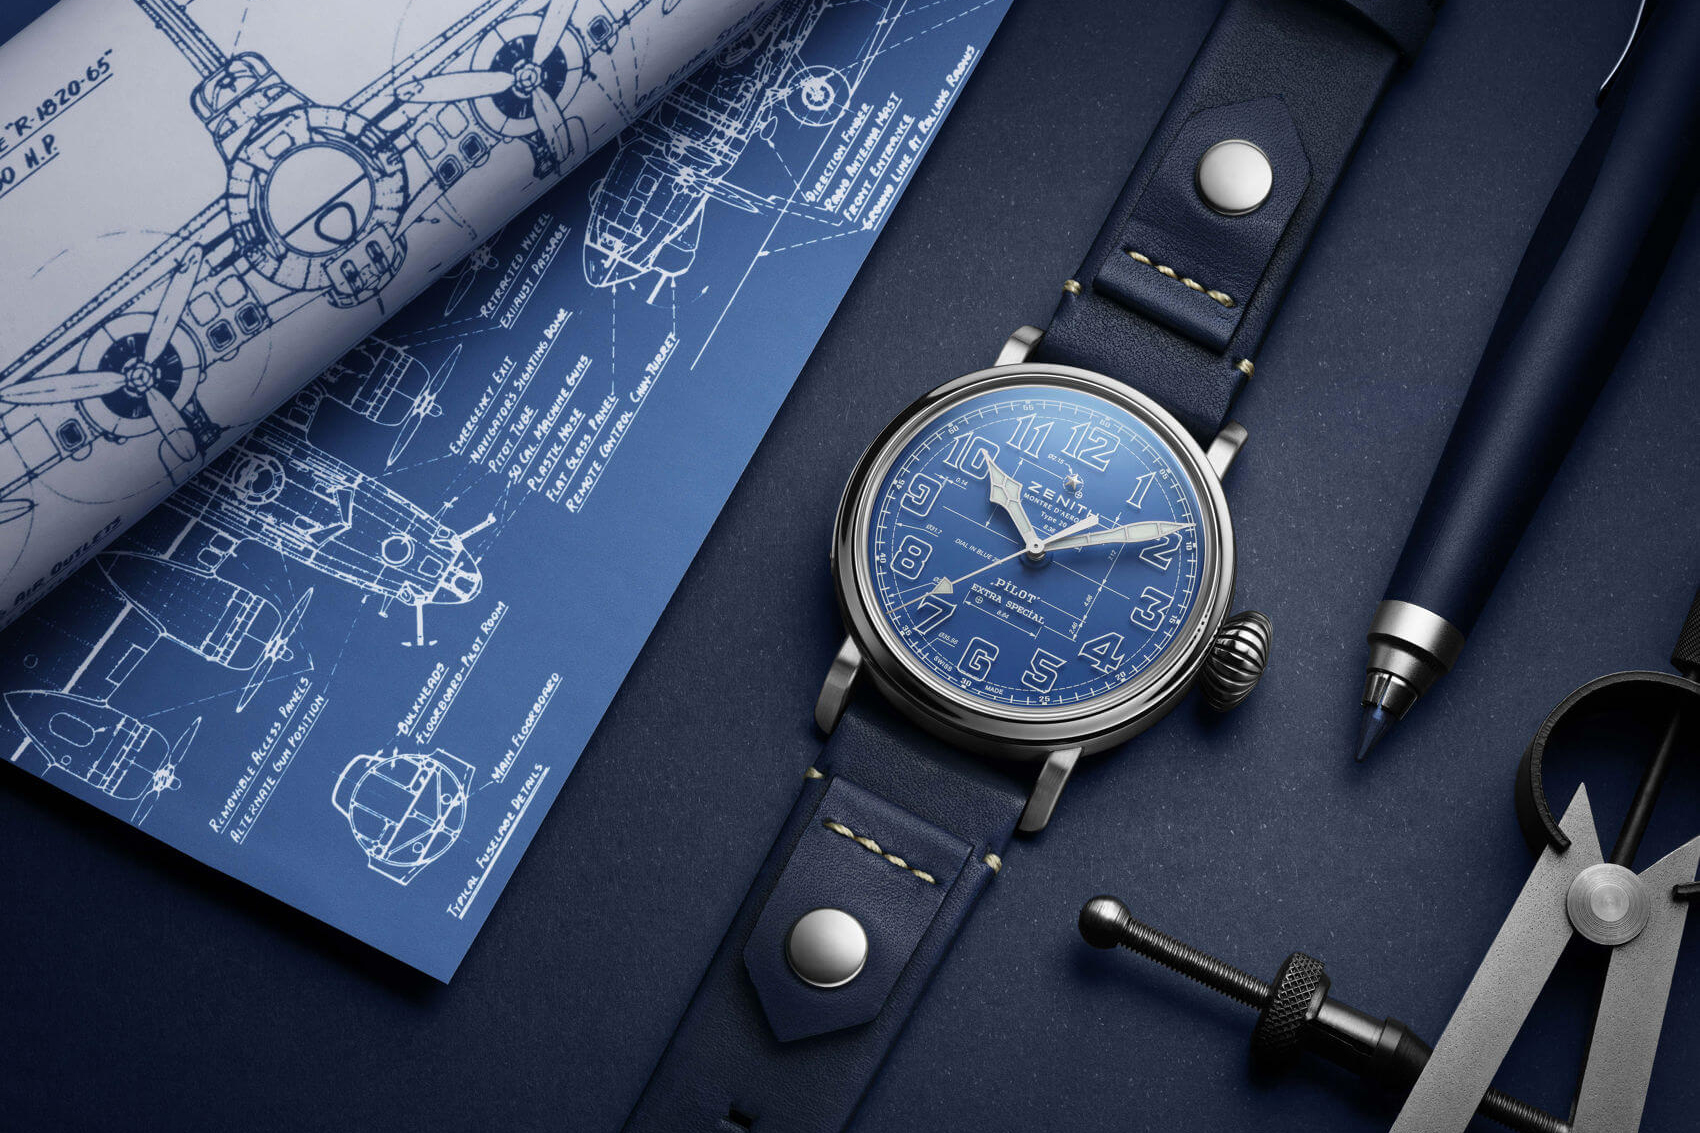 Zenith vừa cho cho ra mắt chiếc đồng Zenith Pilot Type 20 Blueprint với mặt số màu xanh tuyệt đẹp